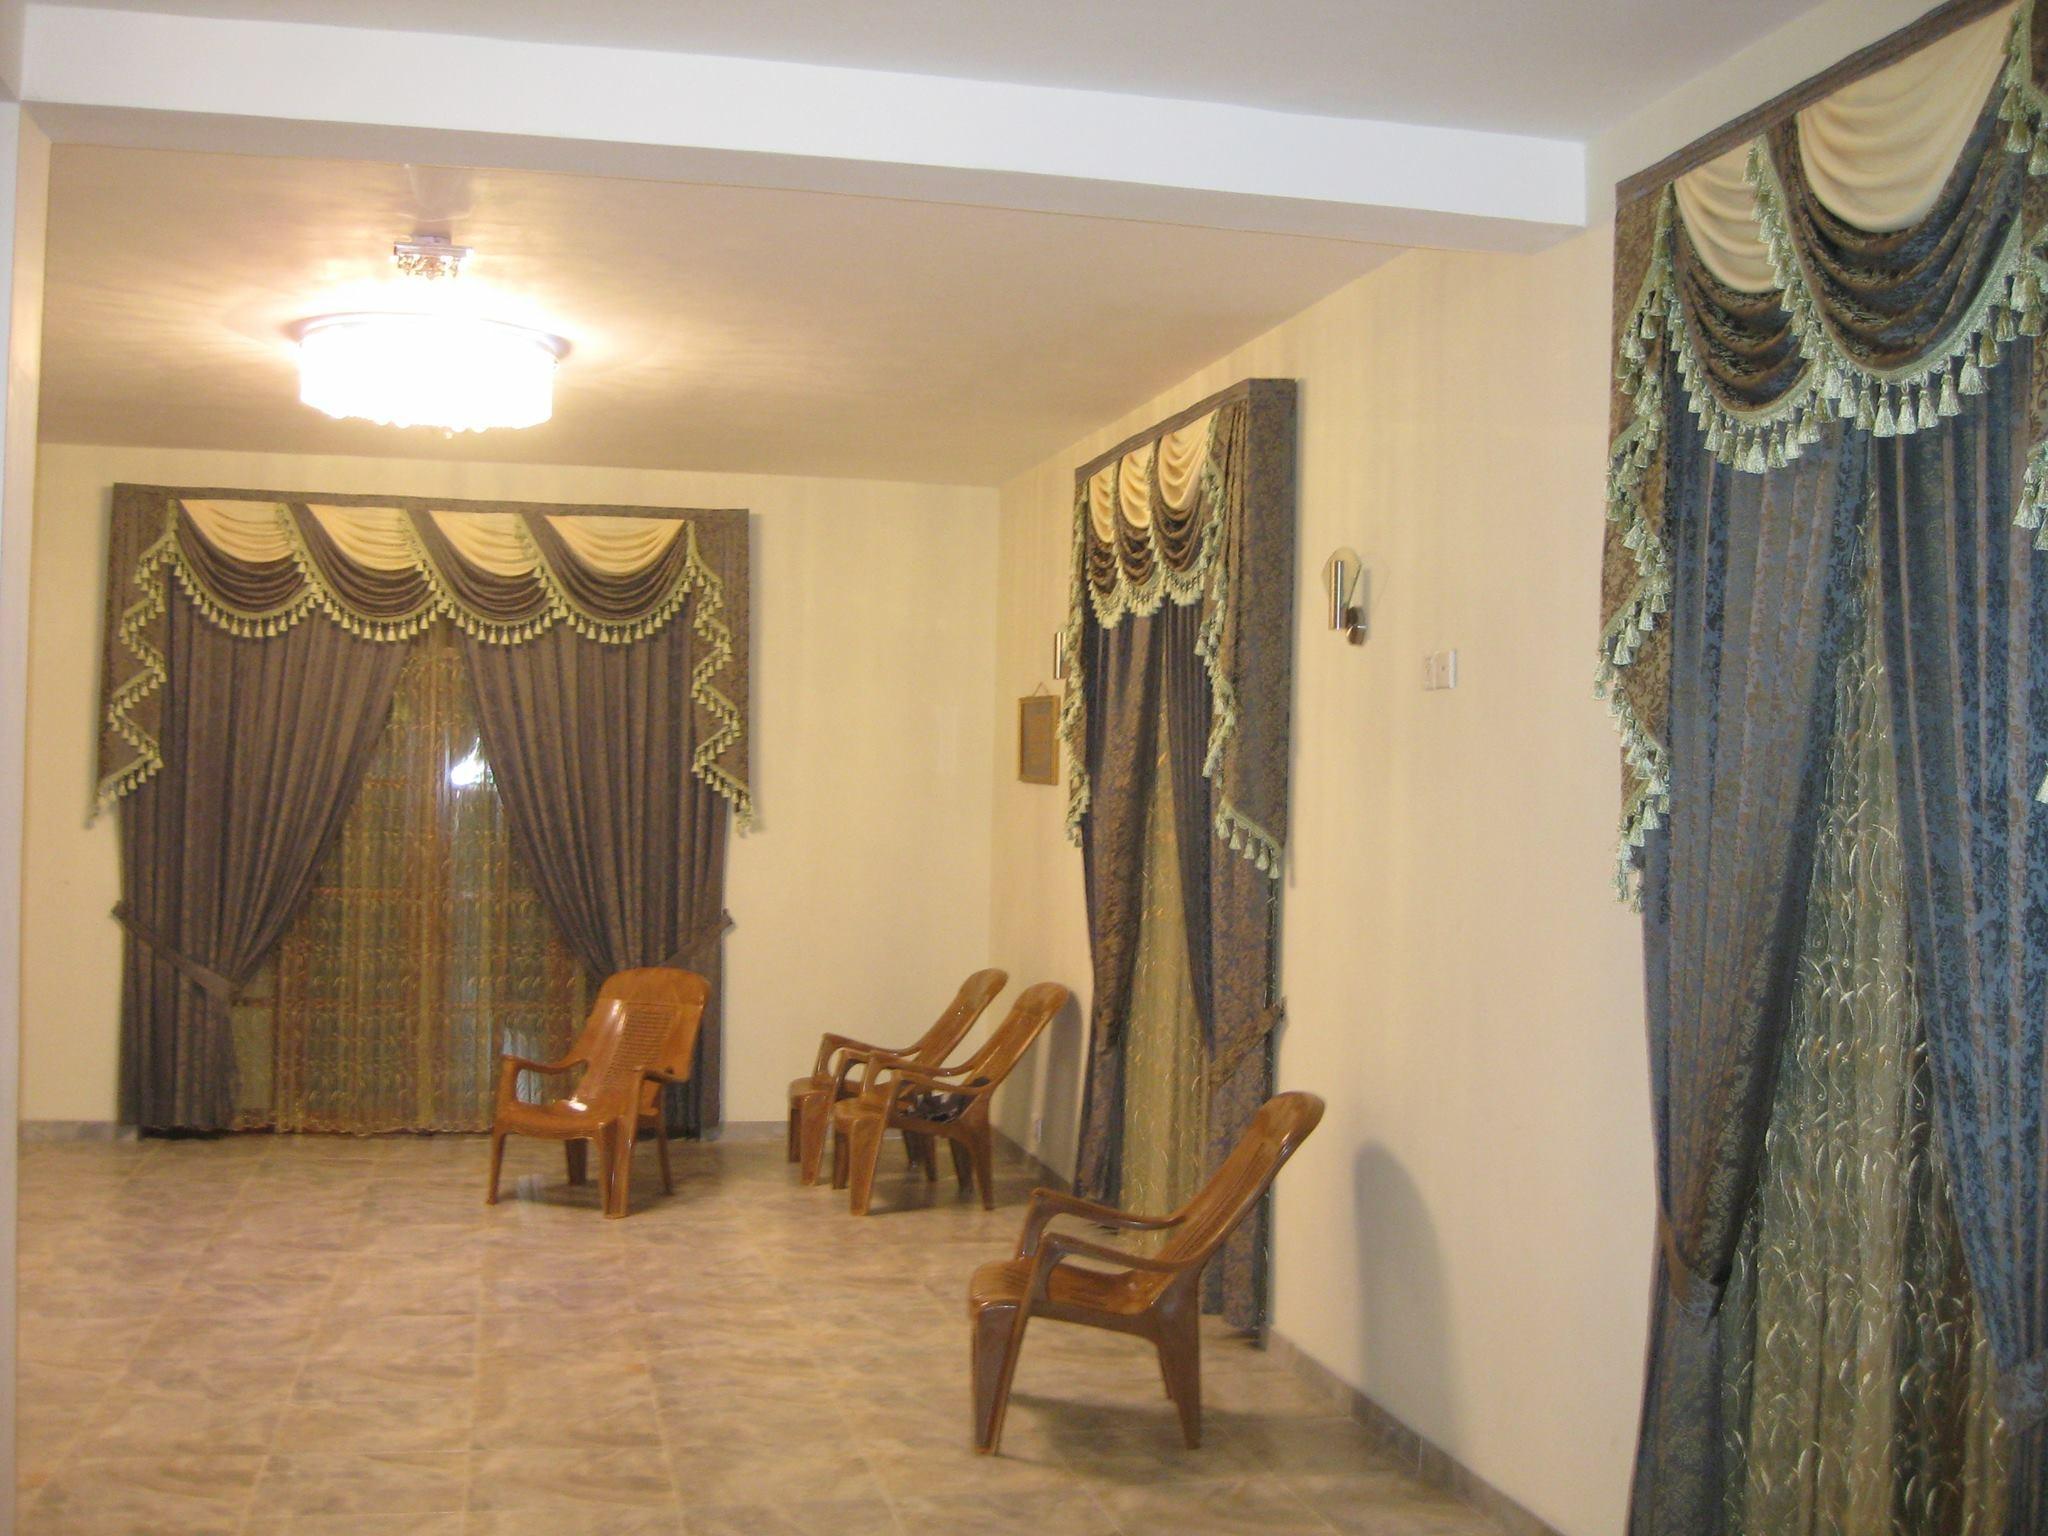 Ceiling Light Design In Sri Lanka : Home lighting design sri lanka the culture